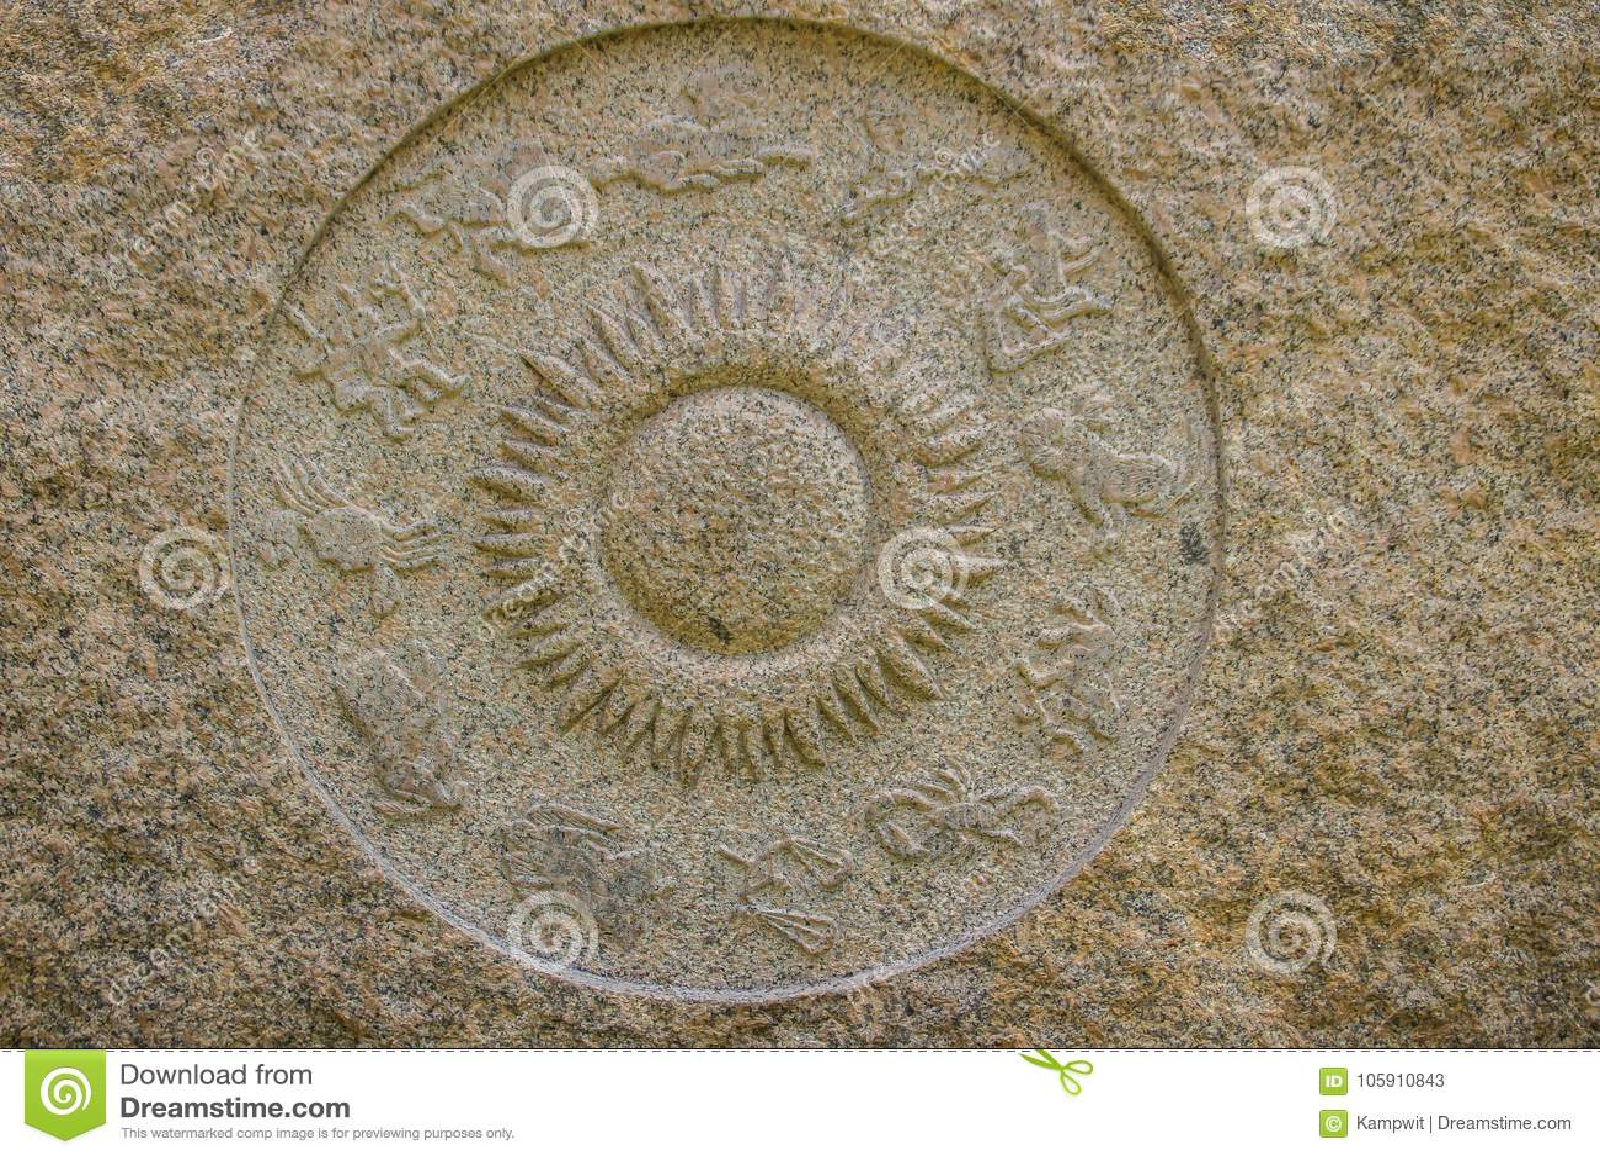 De grafiek van het horoscoopwiel van marmeren steen wordt gemaakt die Oude steenzodi